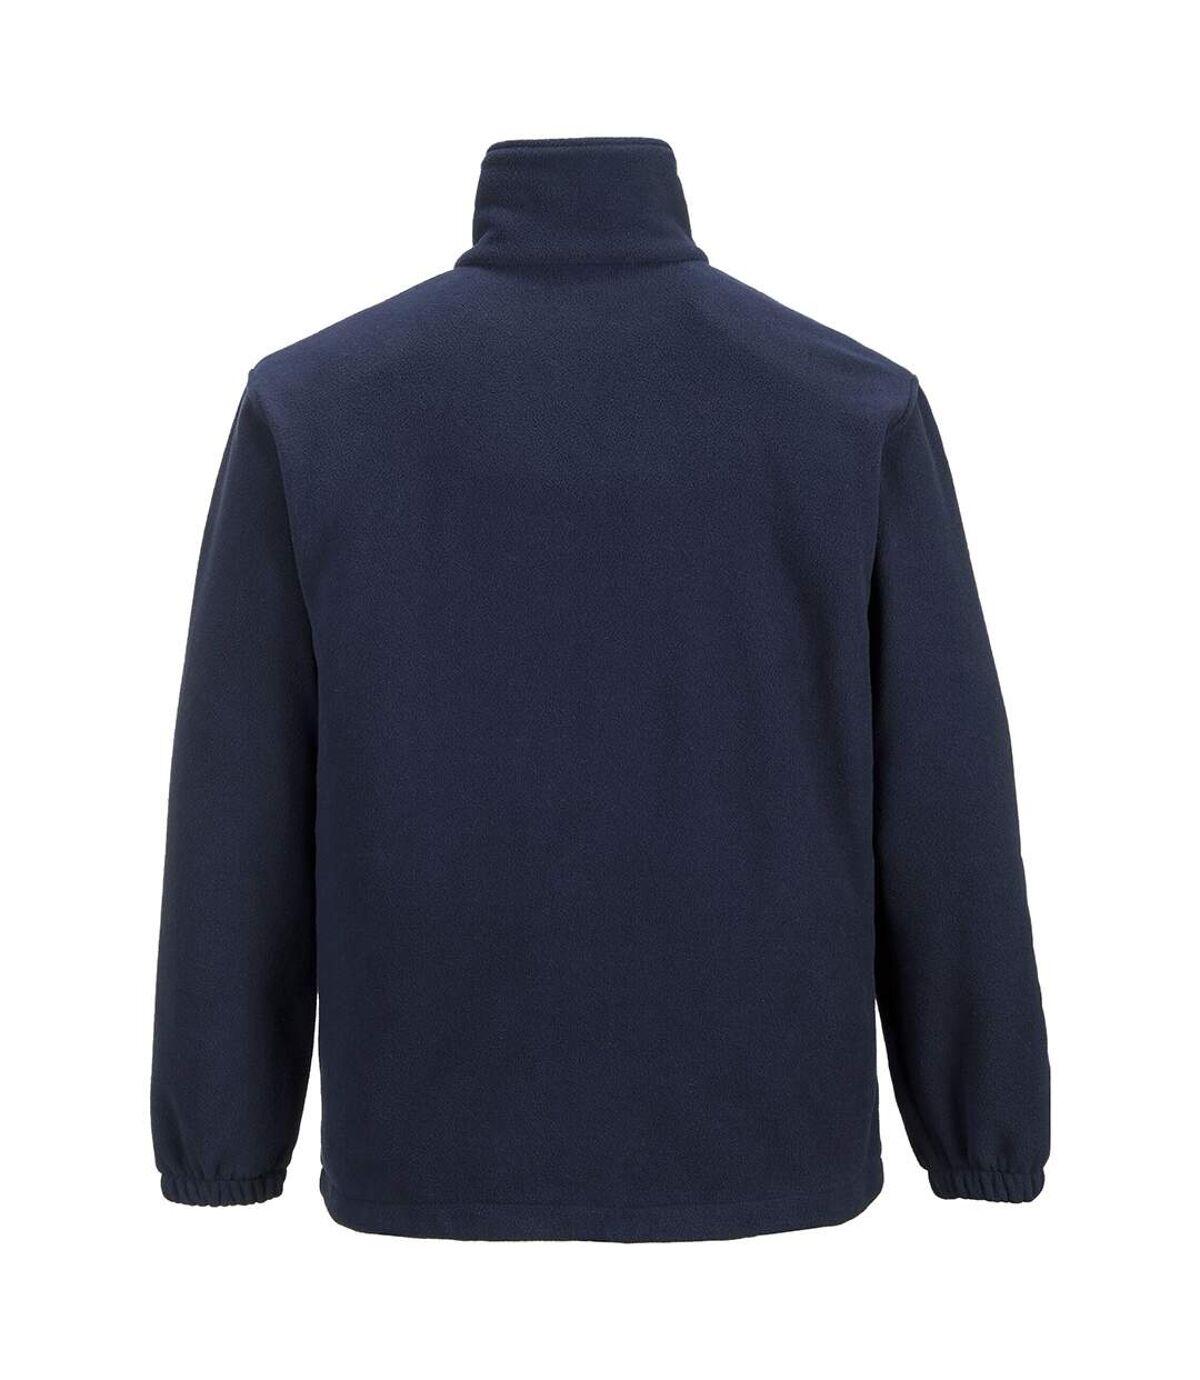 Portwest Aran - Veste polaire - Homme (Bleu marine) - UTRW4363